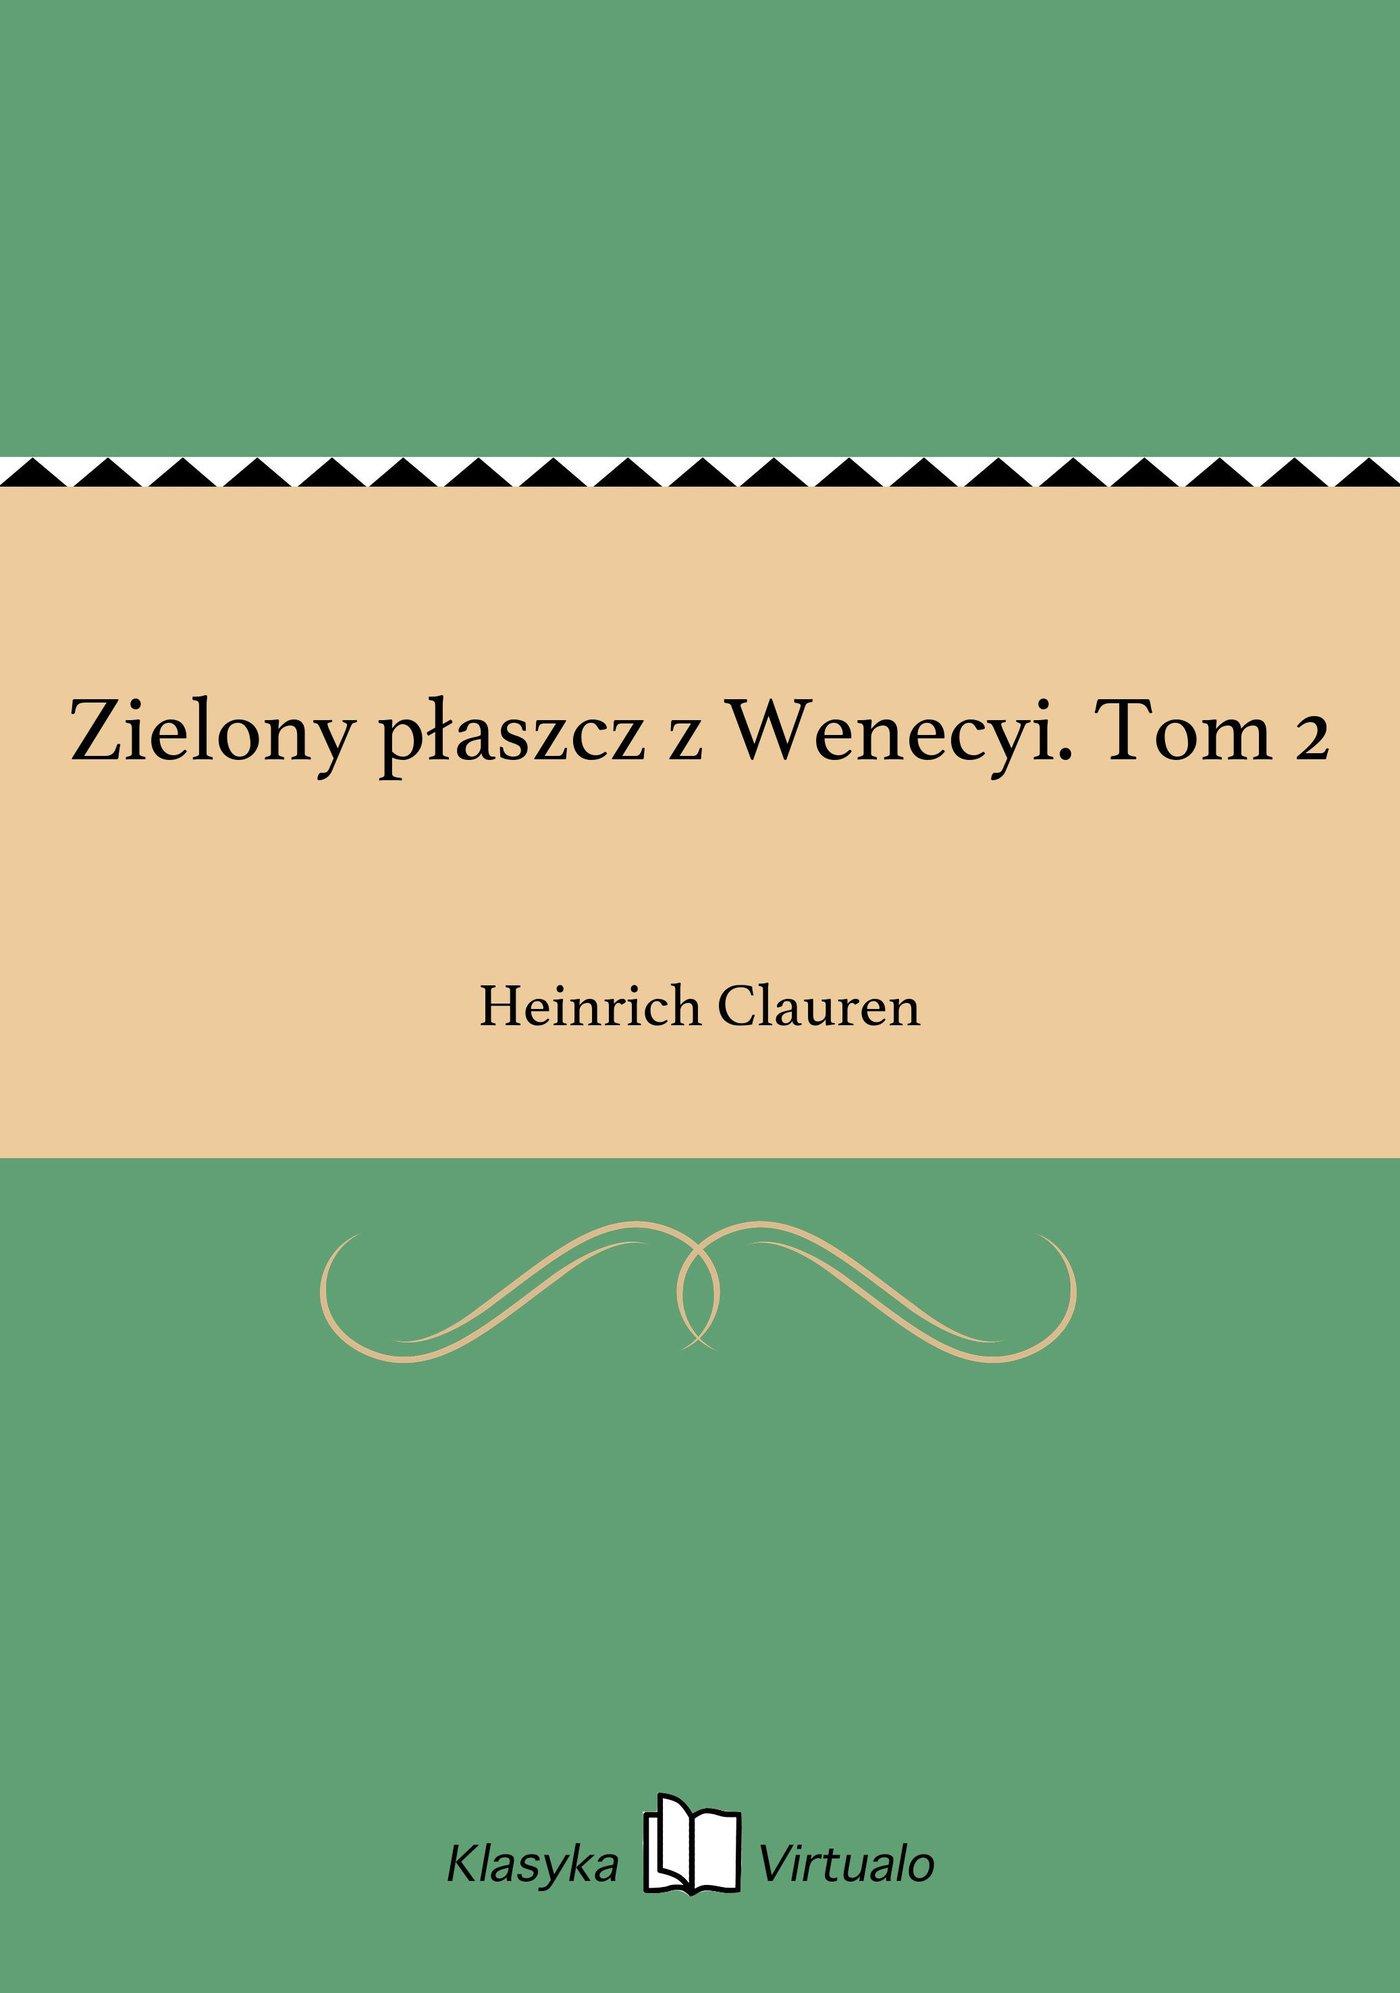 Zielony płaszcz z Wenecyi. Tom 2 - Ebook (Książka EPUB) do pobrania w formacie EPUB